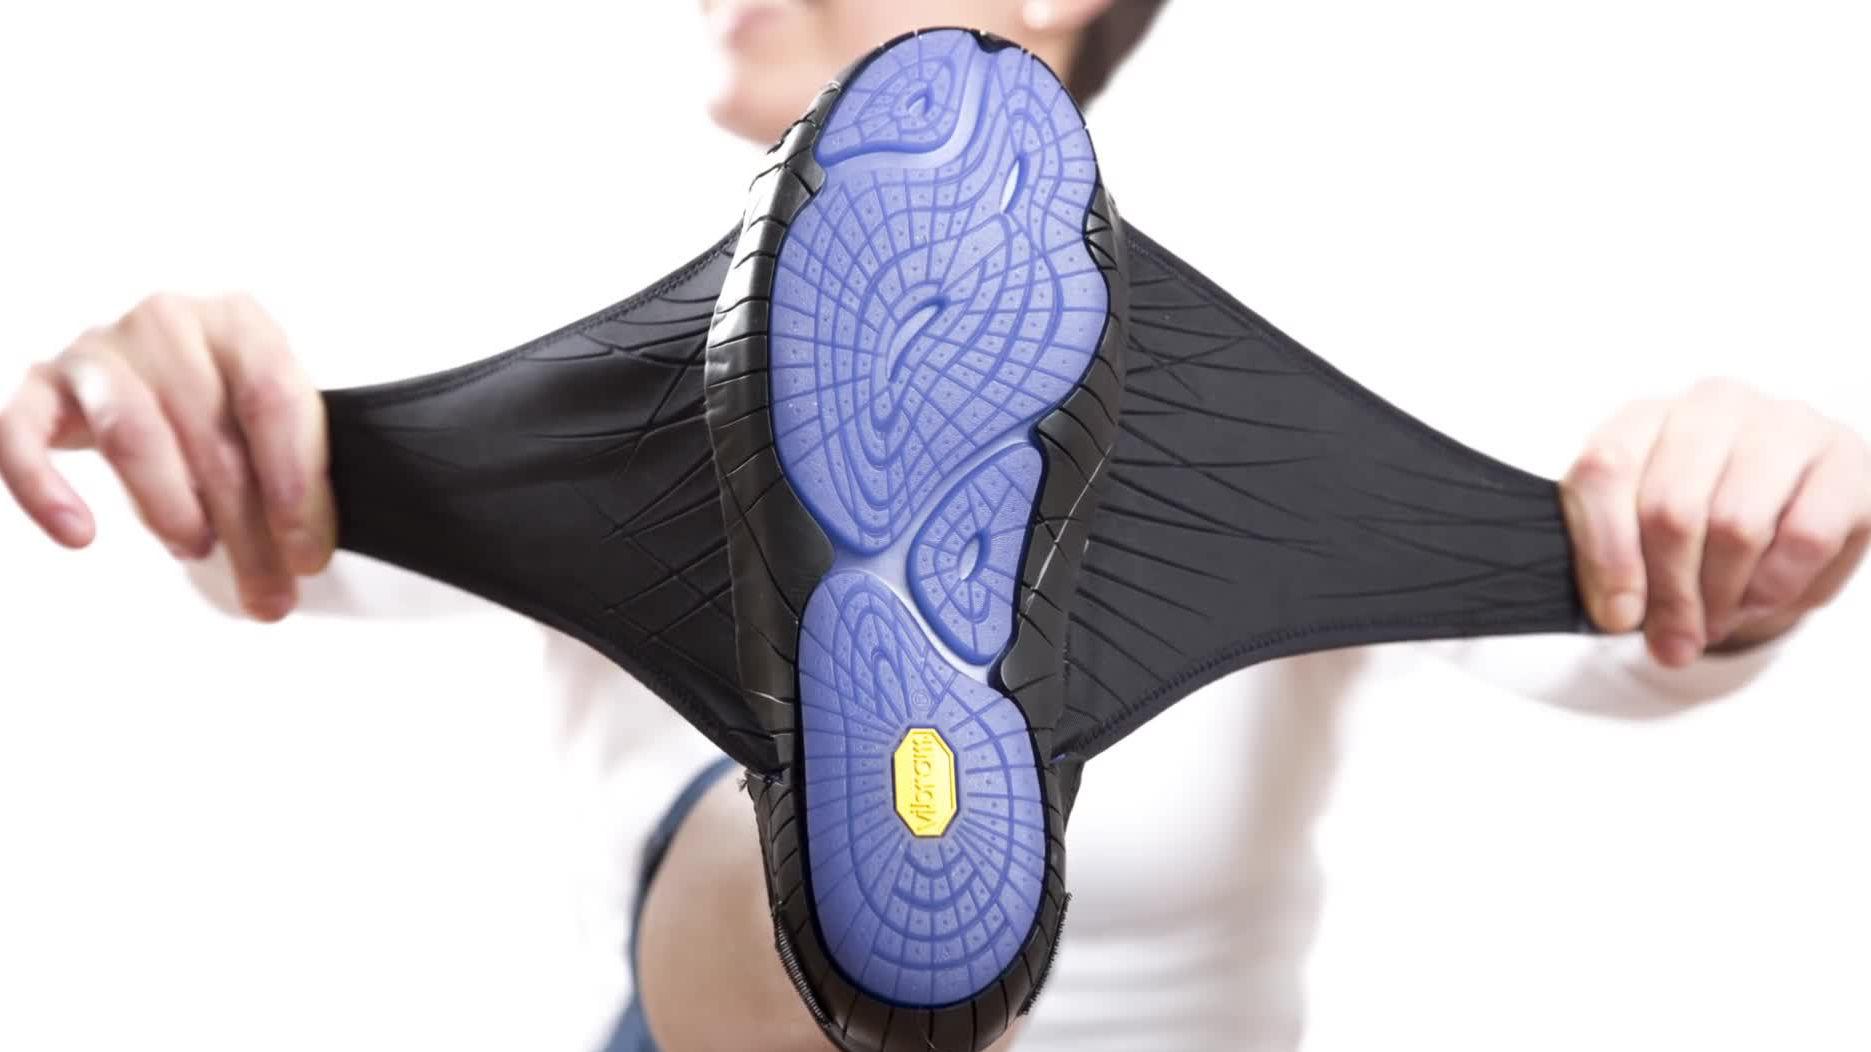 貼腳加防滑  | Vibram Furoshiki 布包鞋行山必備